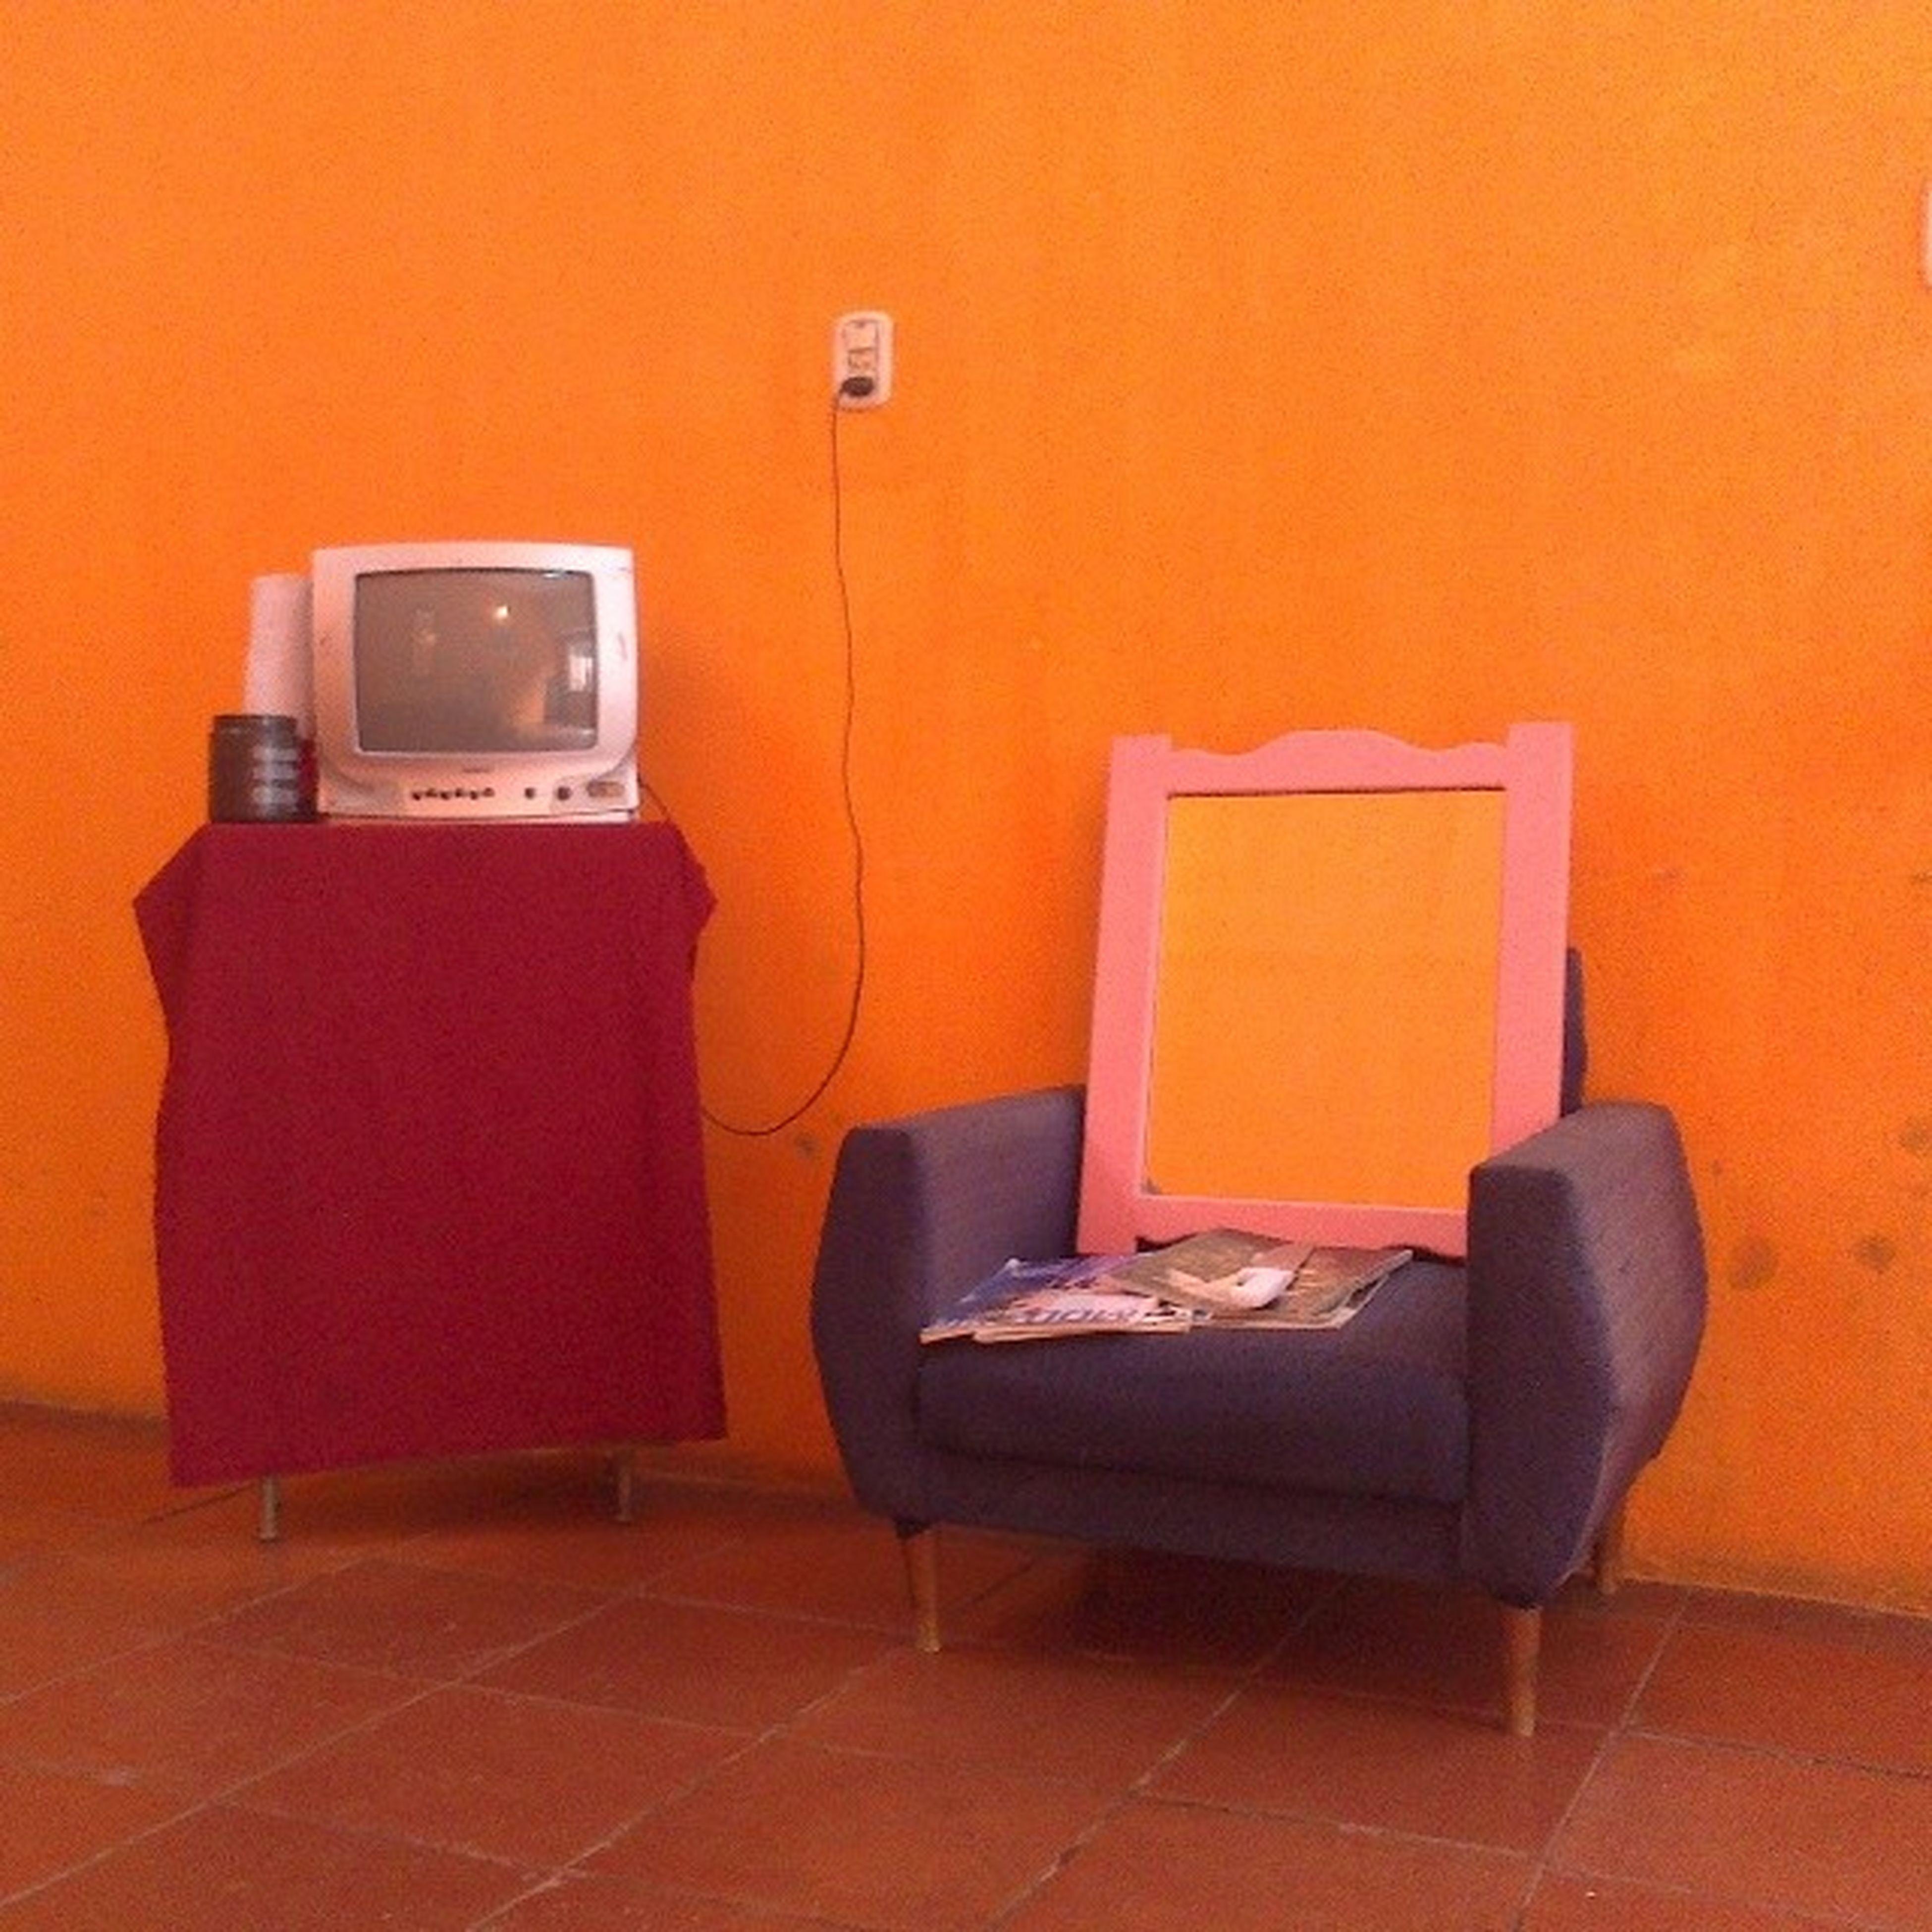 Peluquer ía Barrio Decoraci ón  bizarro negocios color